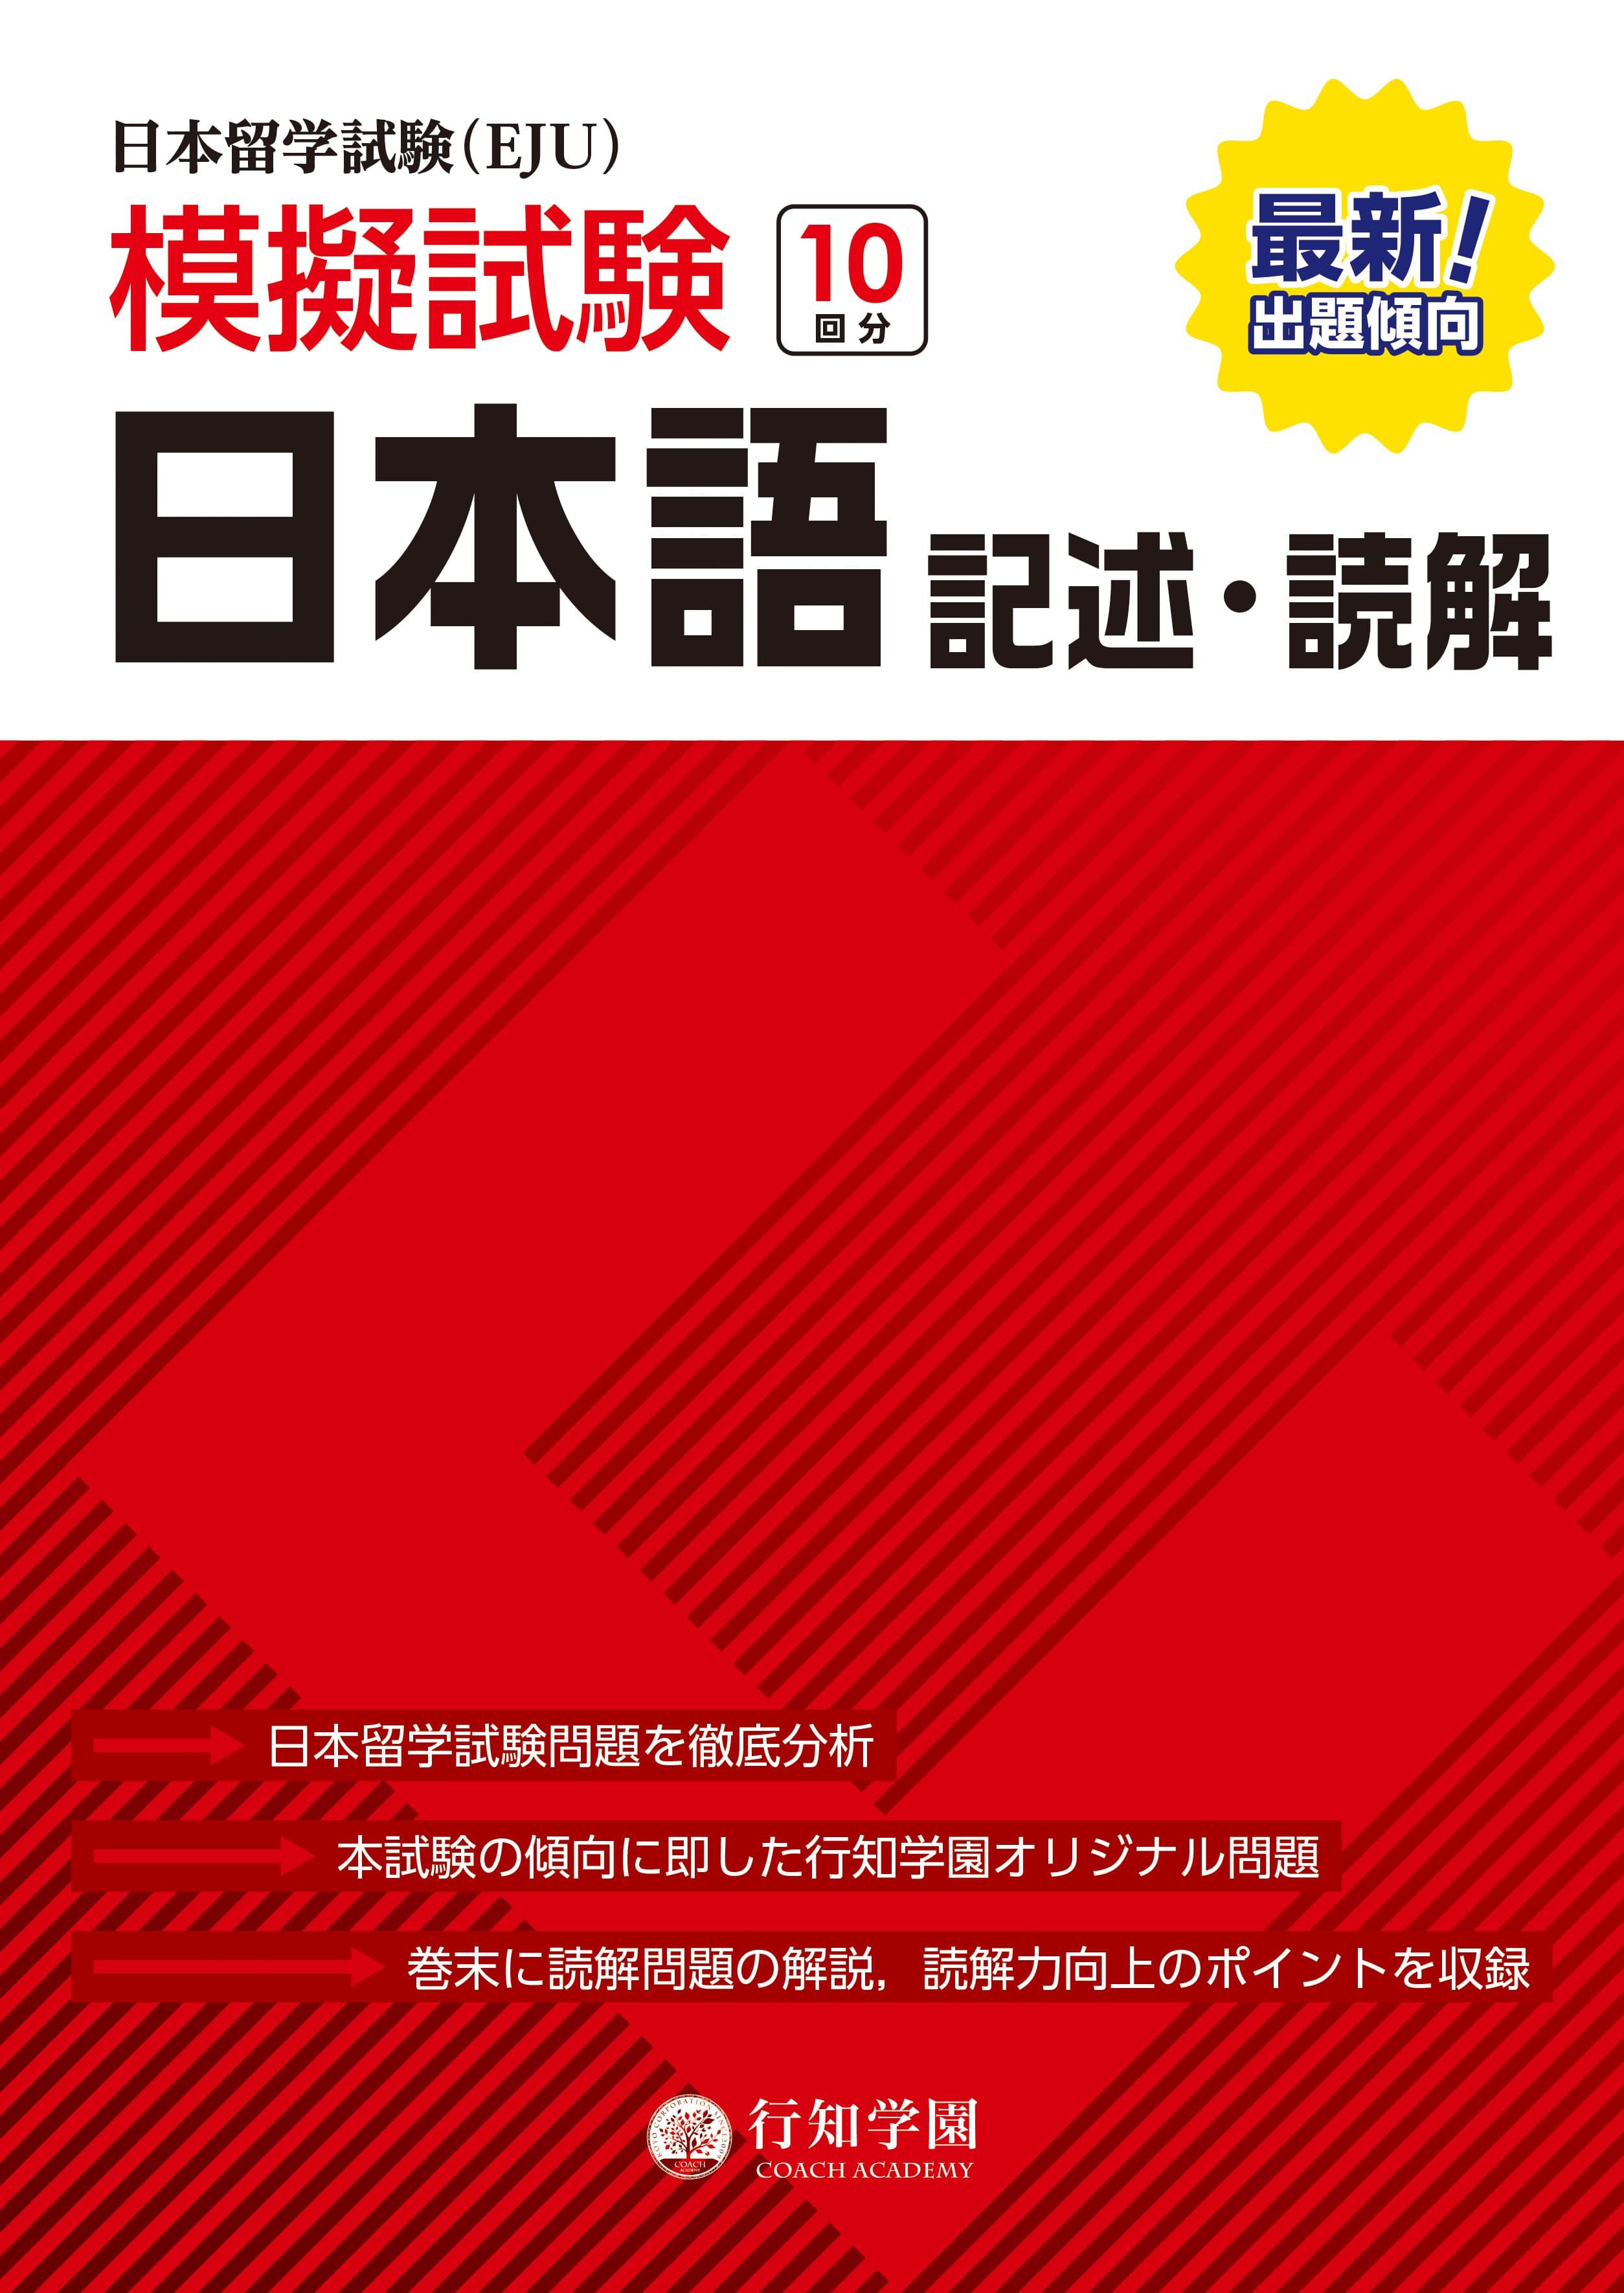 行知学園 日本留学試験(EJU)模擬試験 日本語 記述・読解画像